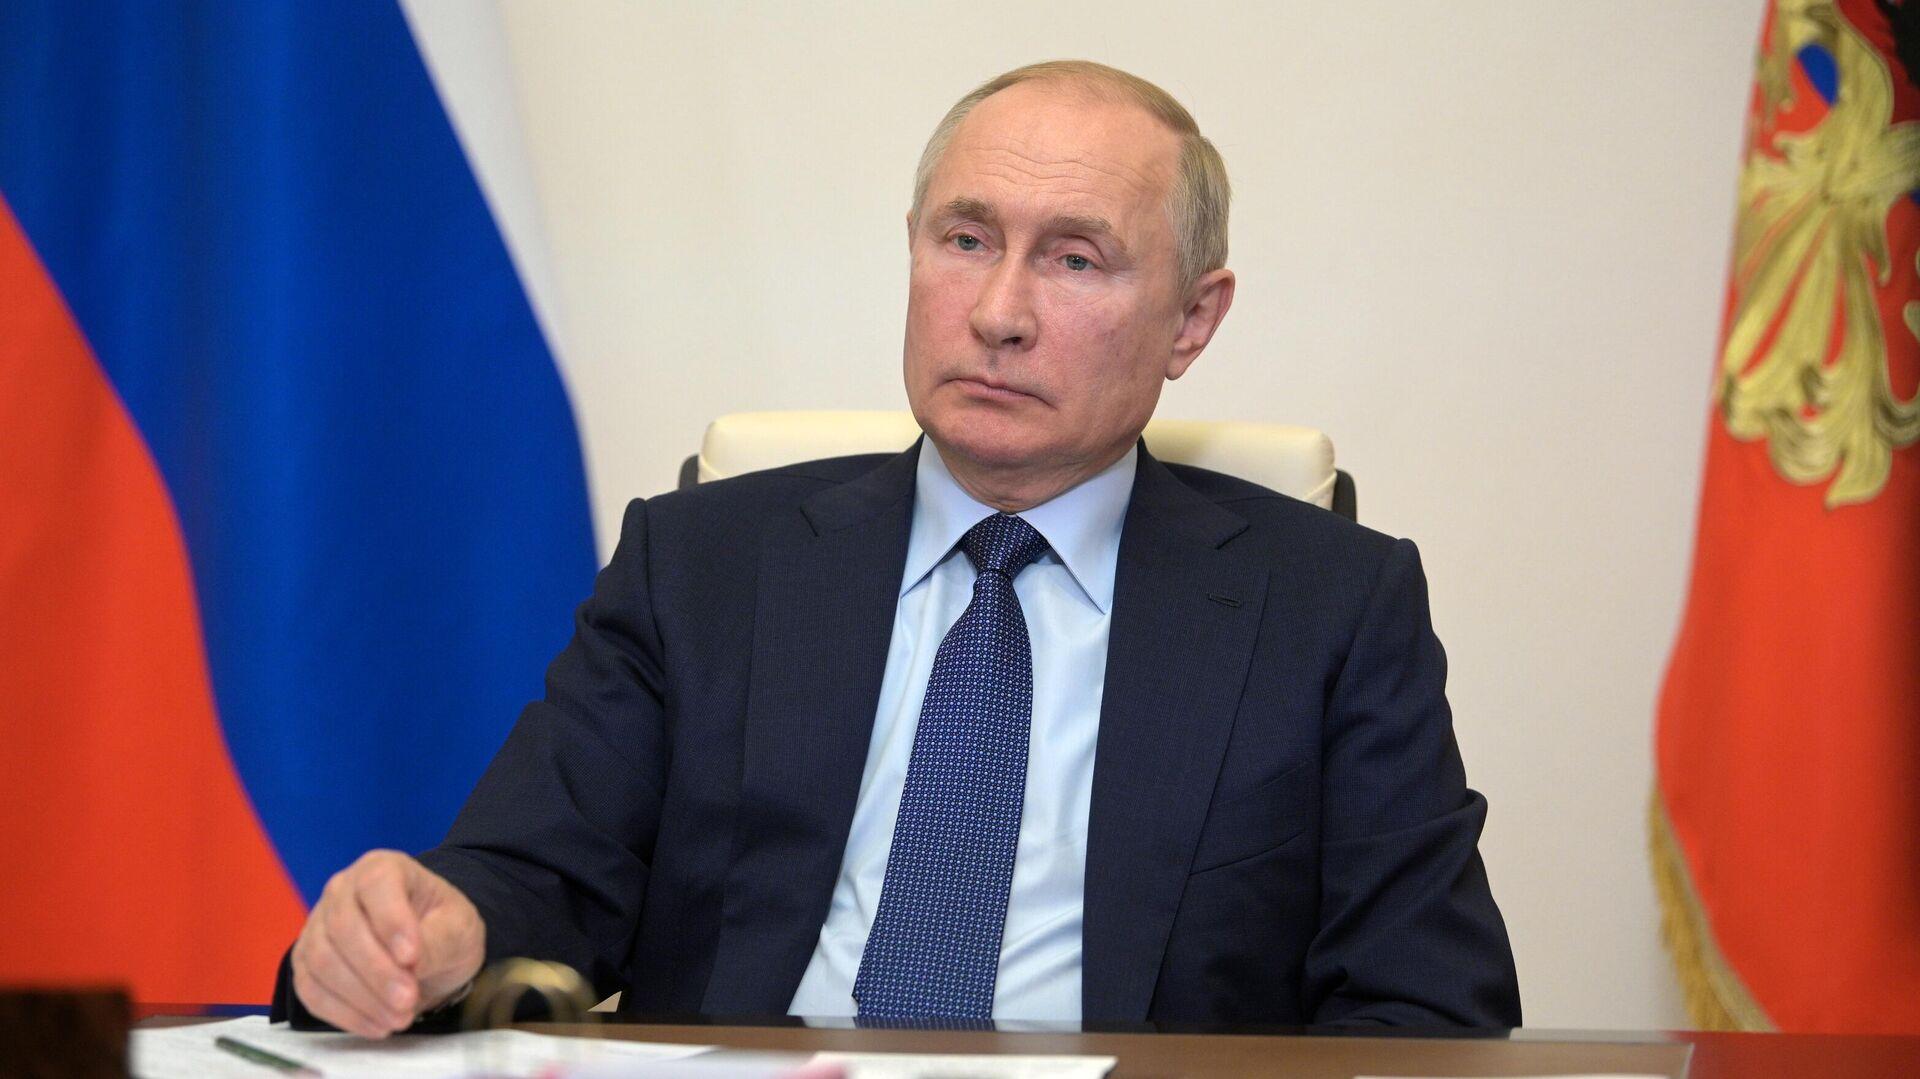 Президент РФ Владимир Путин проводит в режиме видеоконференции совещание с членами правительства РФ - РИА Новости, 1920, 14.10.2021